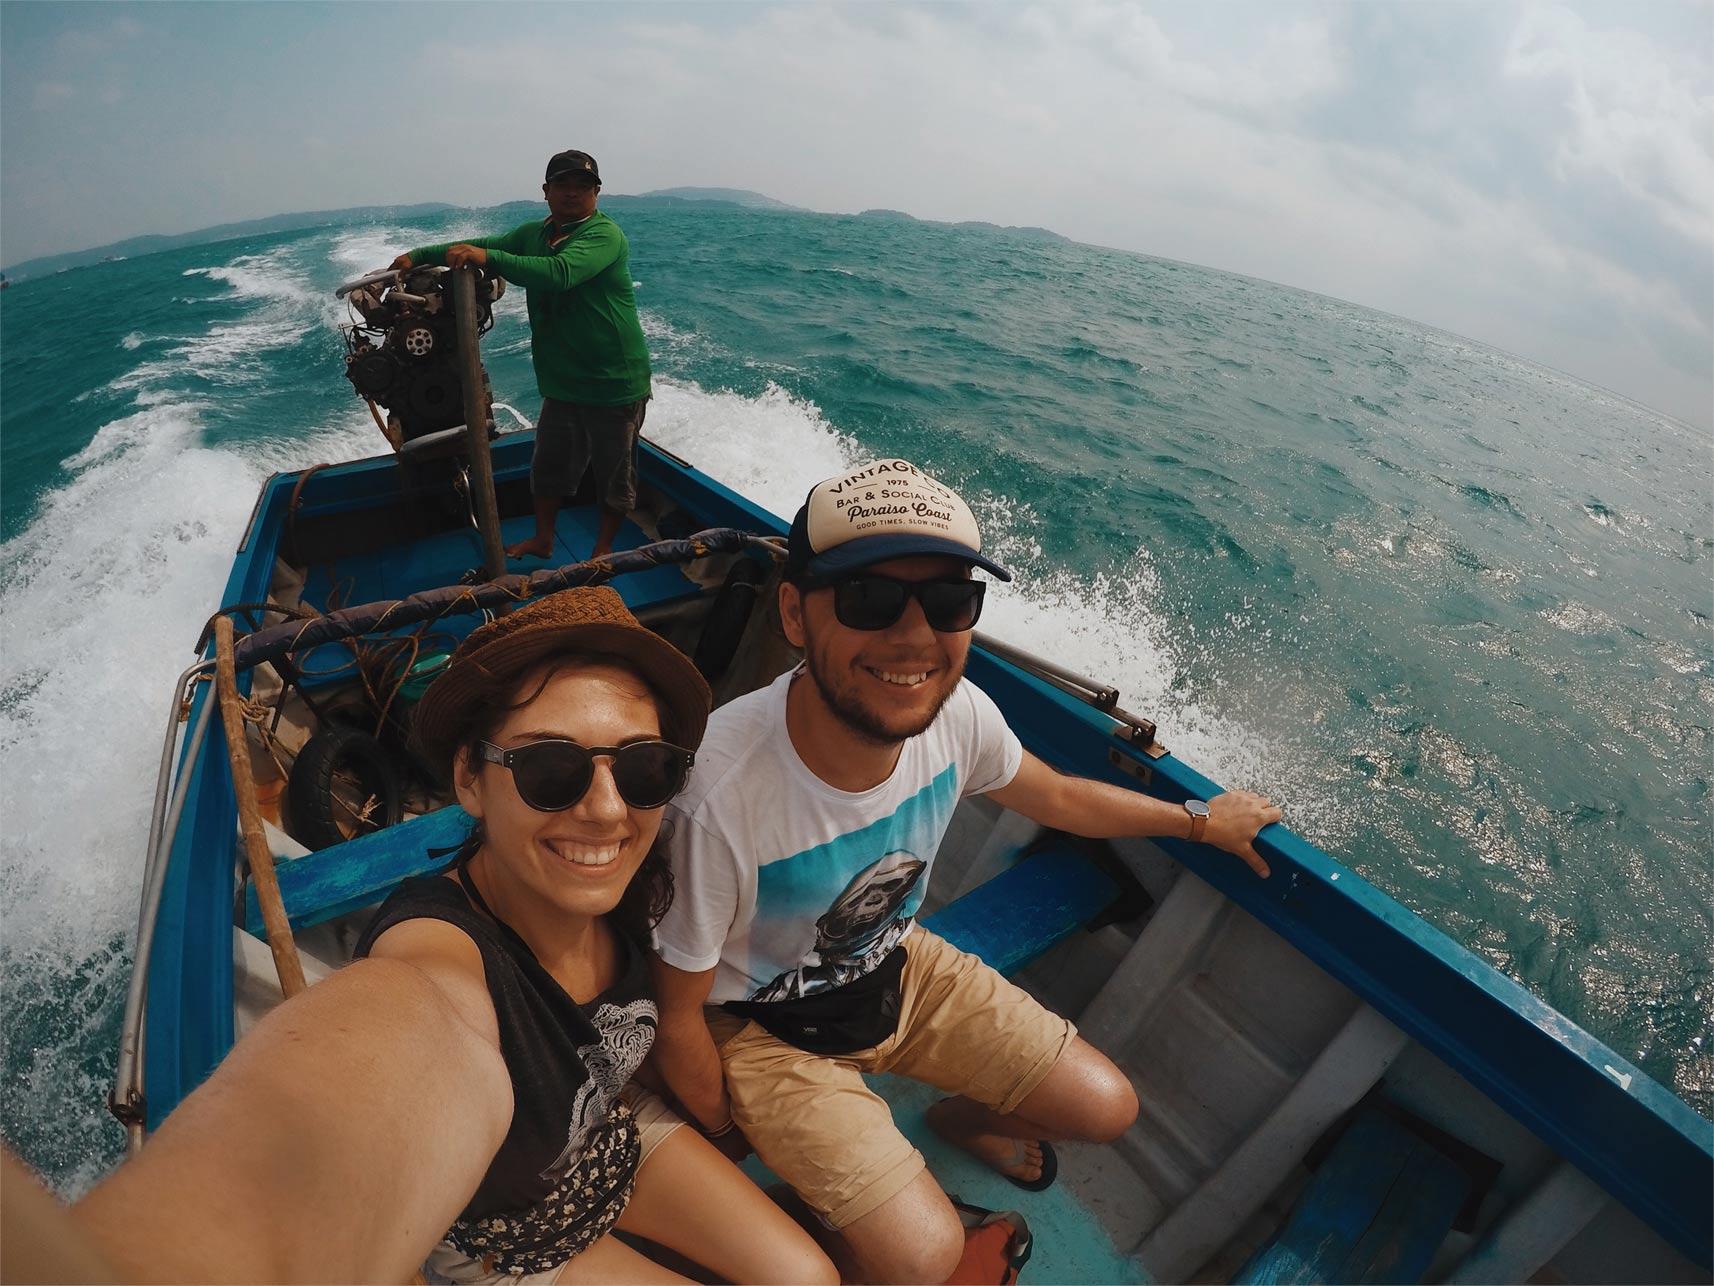 my na łódce płynąc w kierunku archipelagu an thoi i wysp finger island hon mong, rajskie plaże w wietnamie neverendingtravel.pl